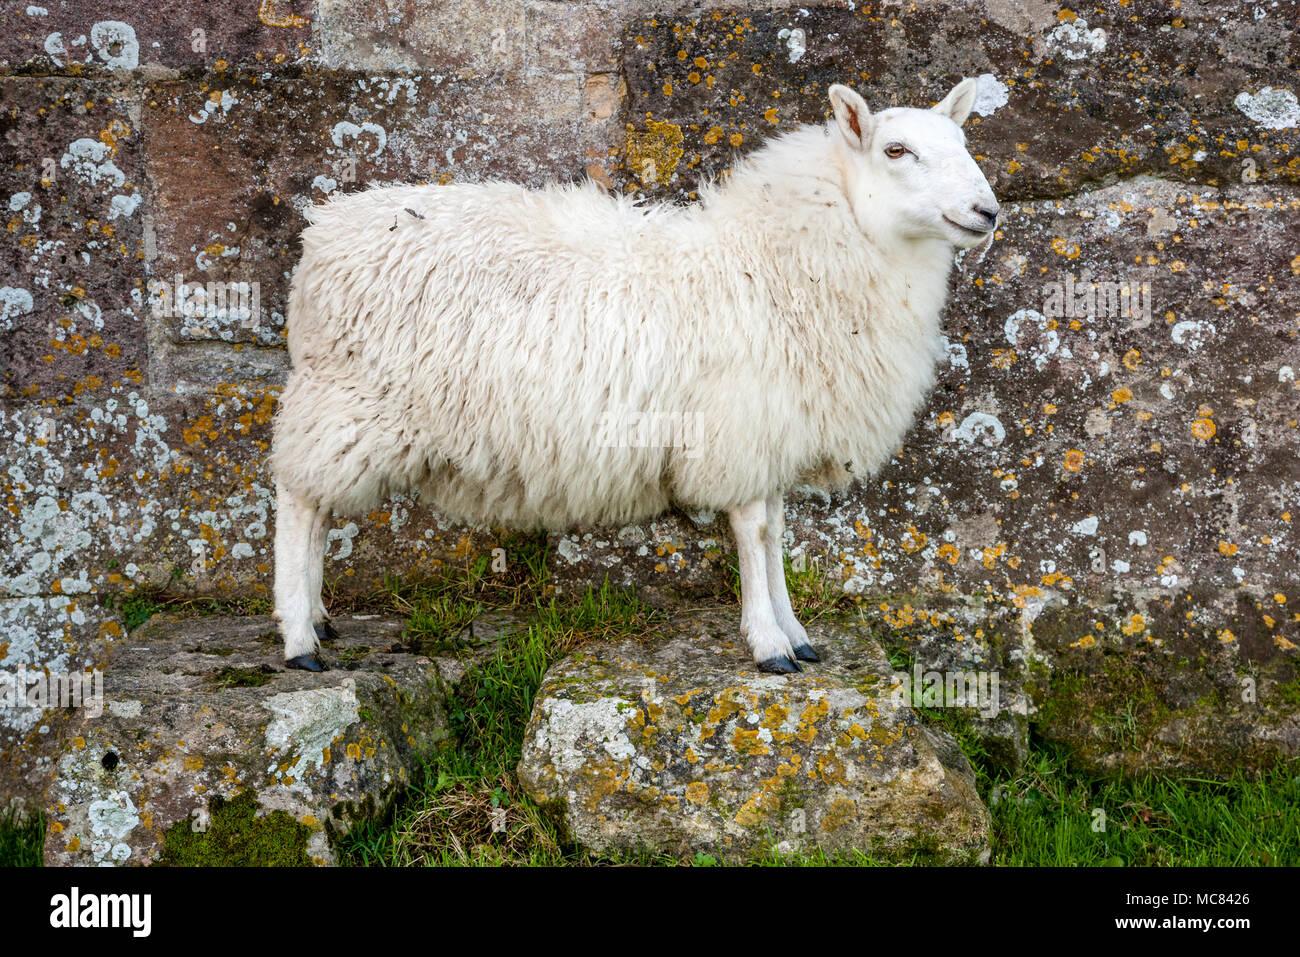 Bianco di fronte pecora pecora in posa su due blocchi di pietra da un muro di pietra a Woodspring priorato di Somerset REGNO UNITO Immagini Stock